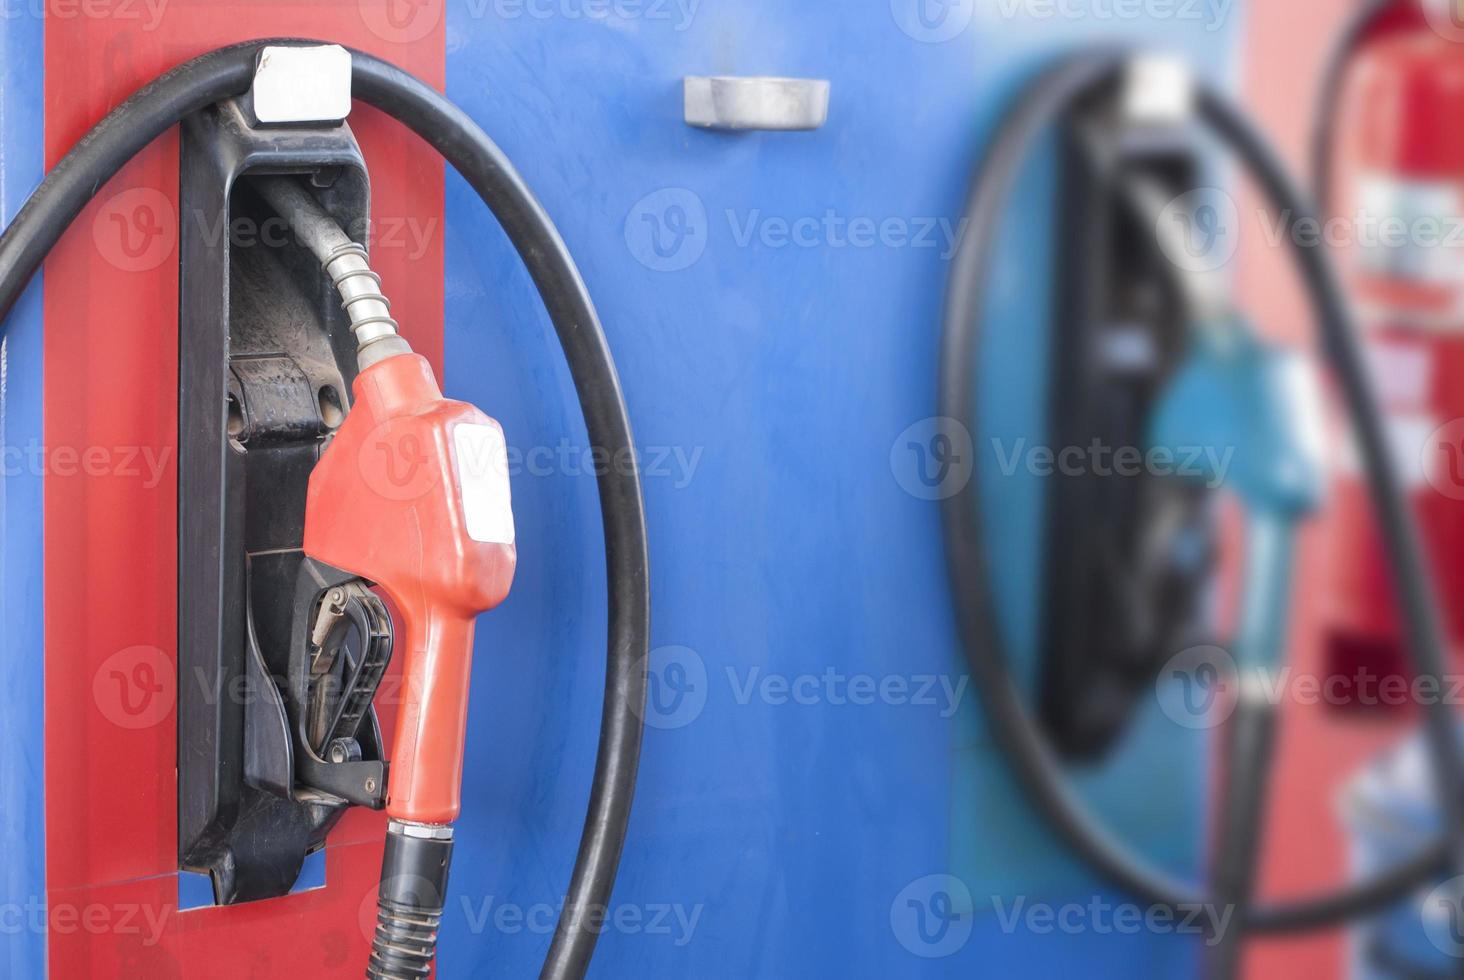 inyectores de bomba en gasolinera foto